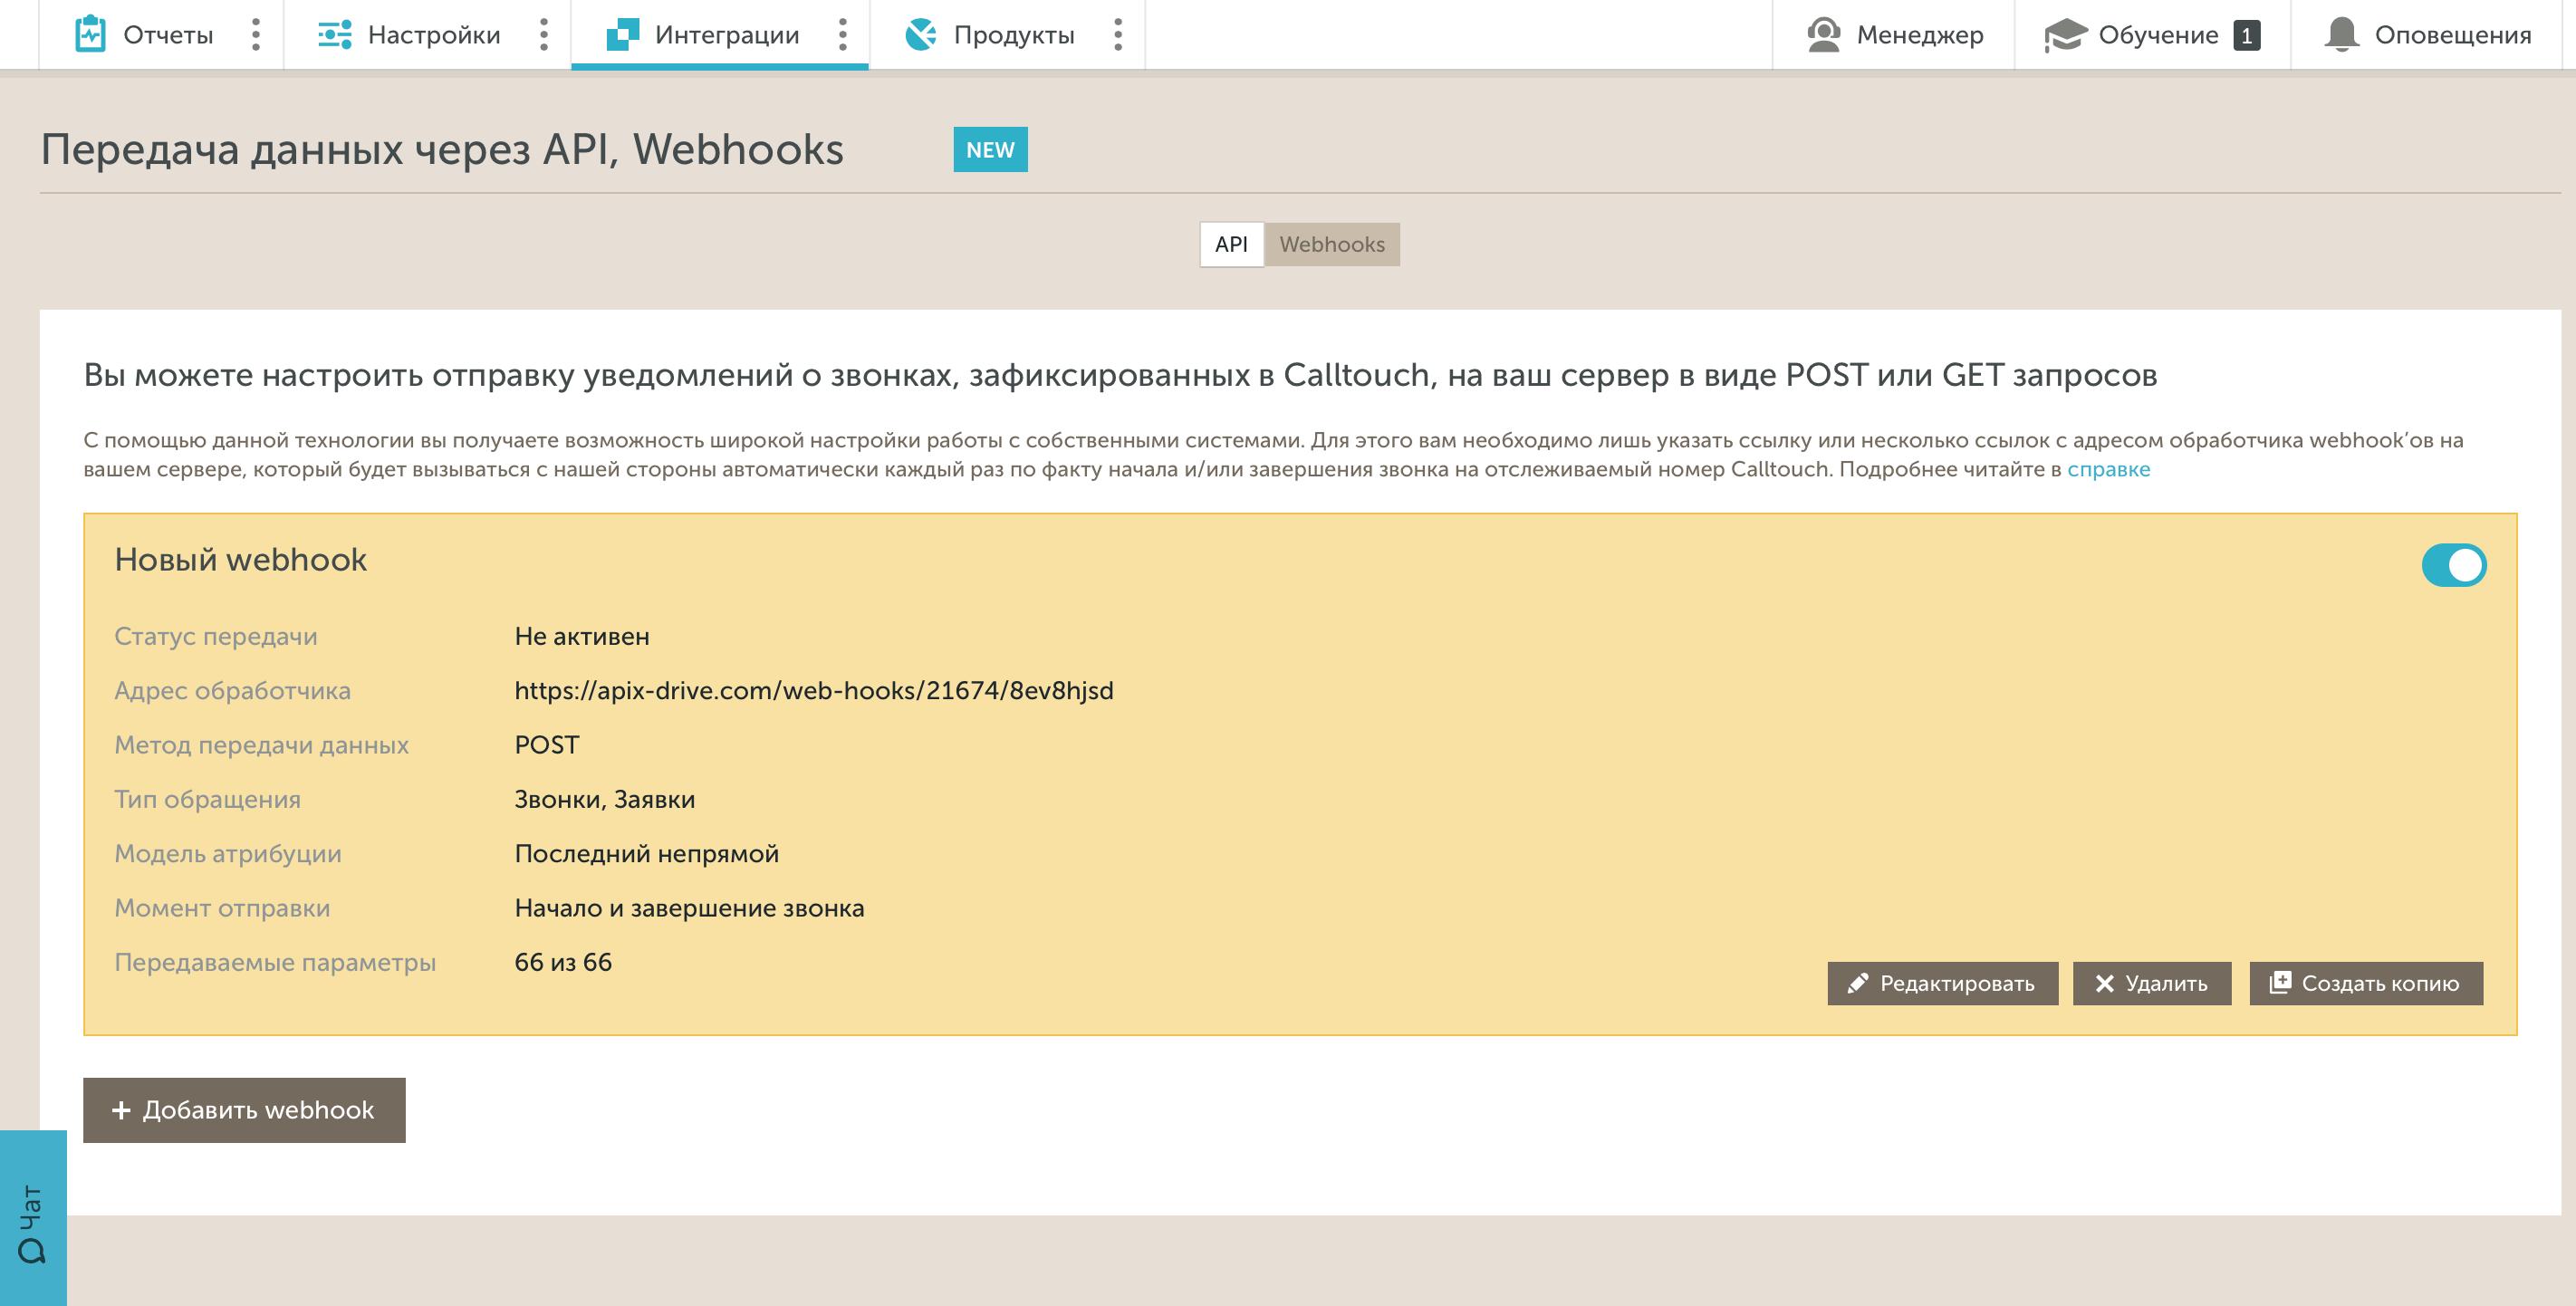 Активировать новый webhook